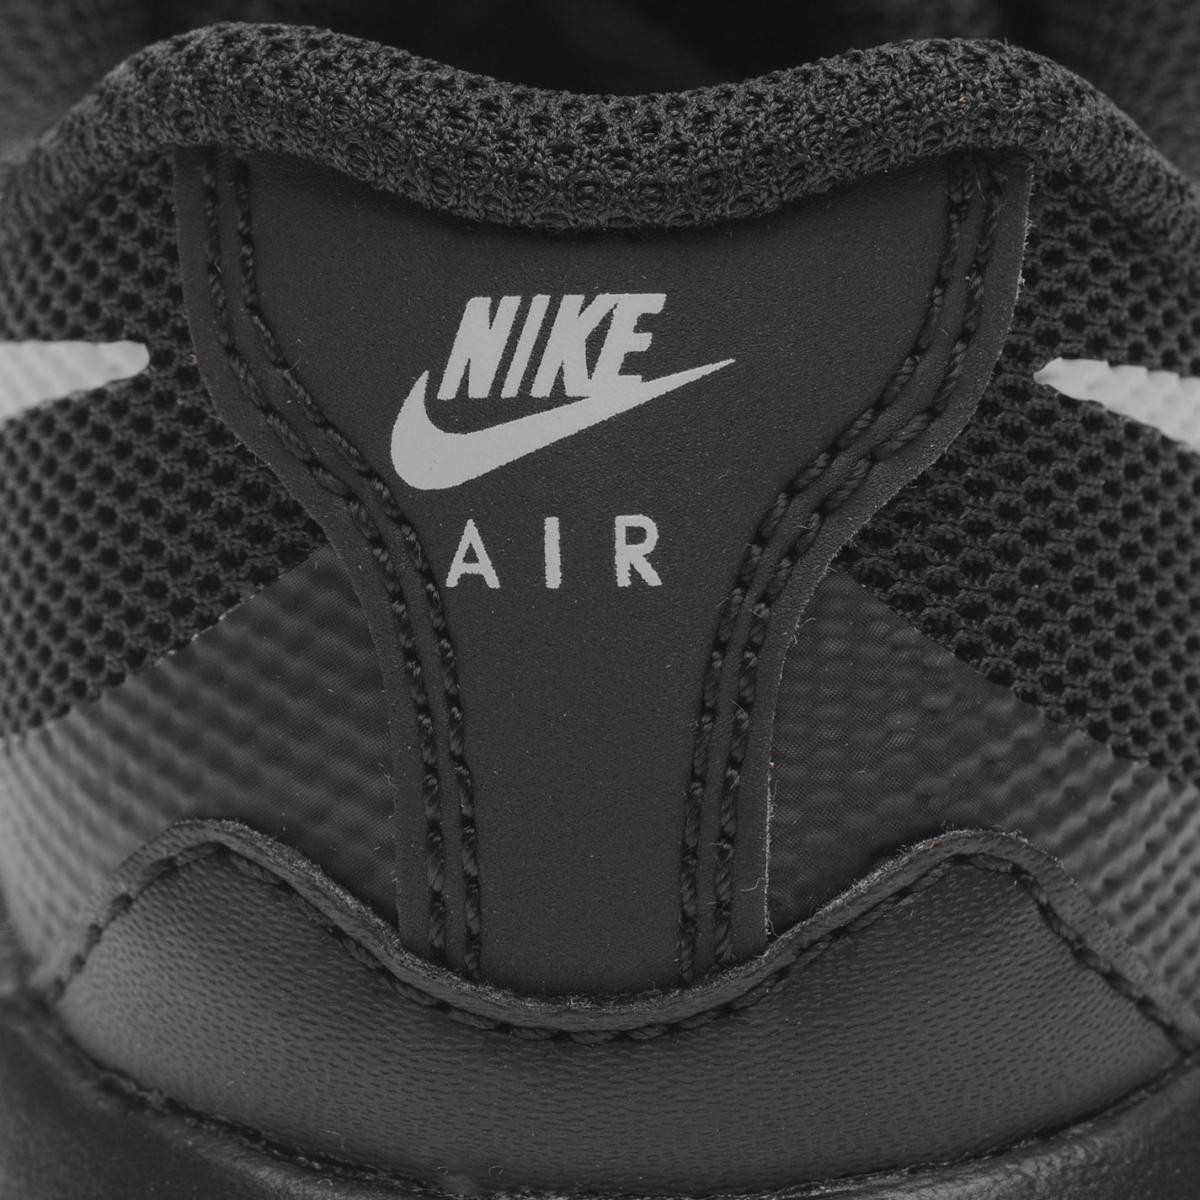 Details zu Nike Air Max Invigor Turnschuhe Kinder Jungen Laufschuhe Sportschuhe Sneaker 157